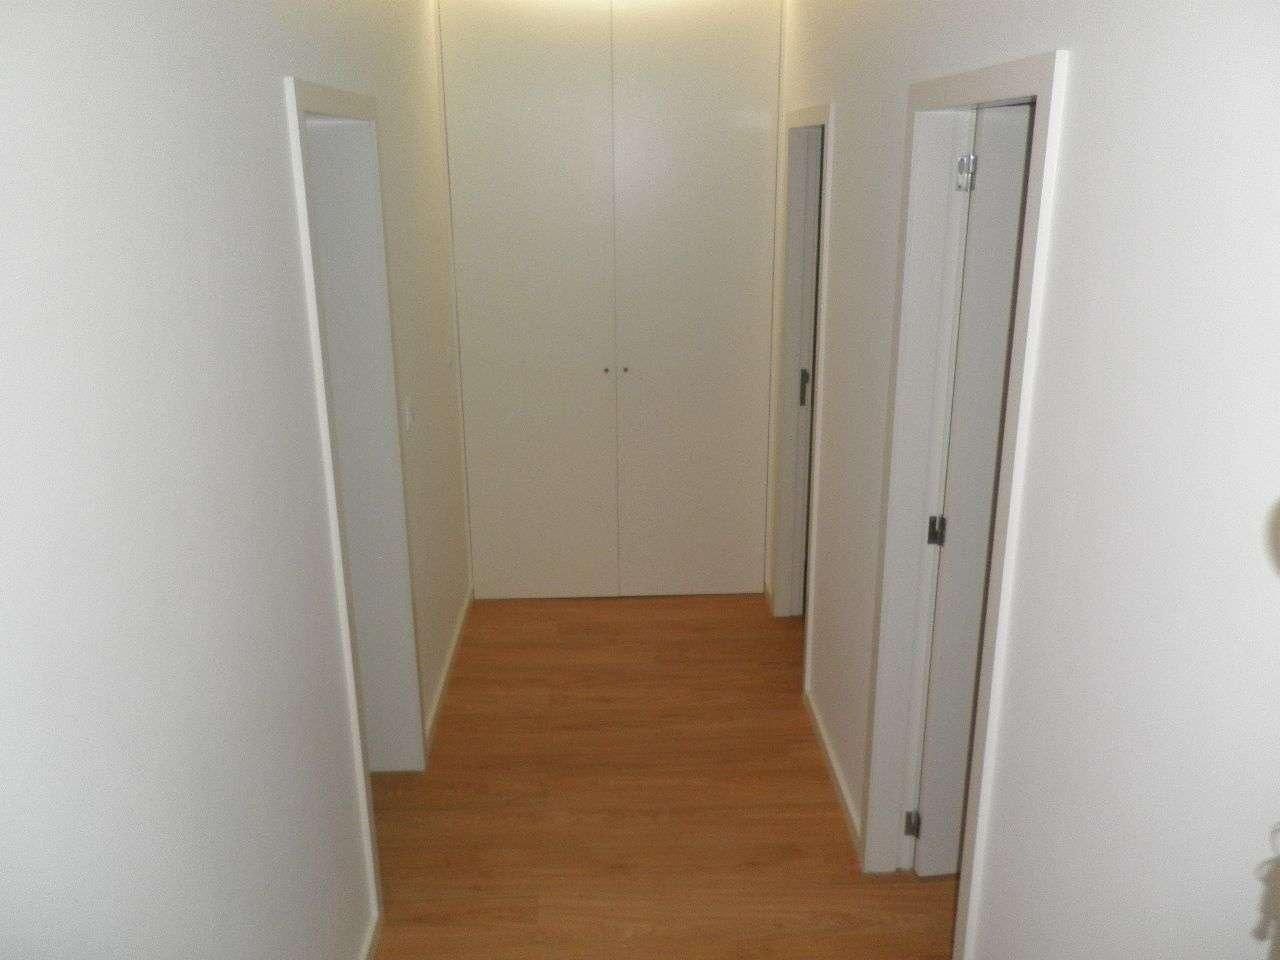 Apartamento para arrendar, Cedofeita, Santo Ildefonso, Sé, Miragaia, São Nicolau e Vitória, Porto - Foto 6